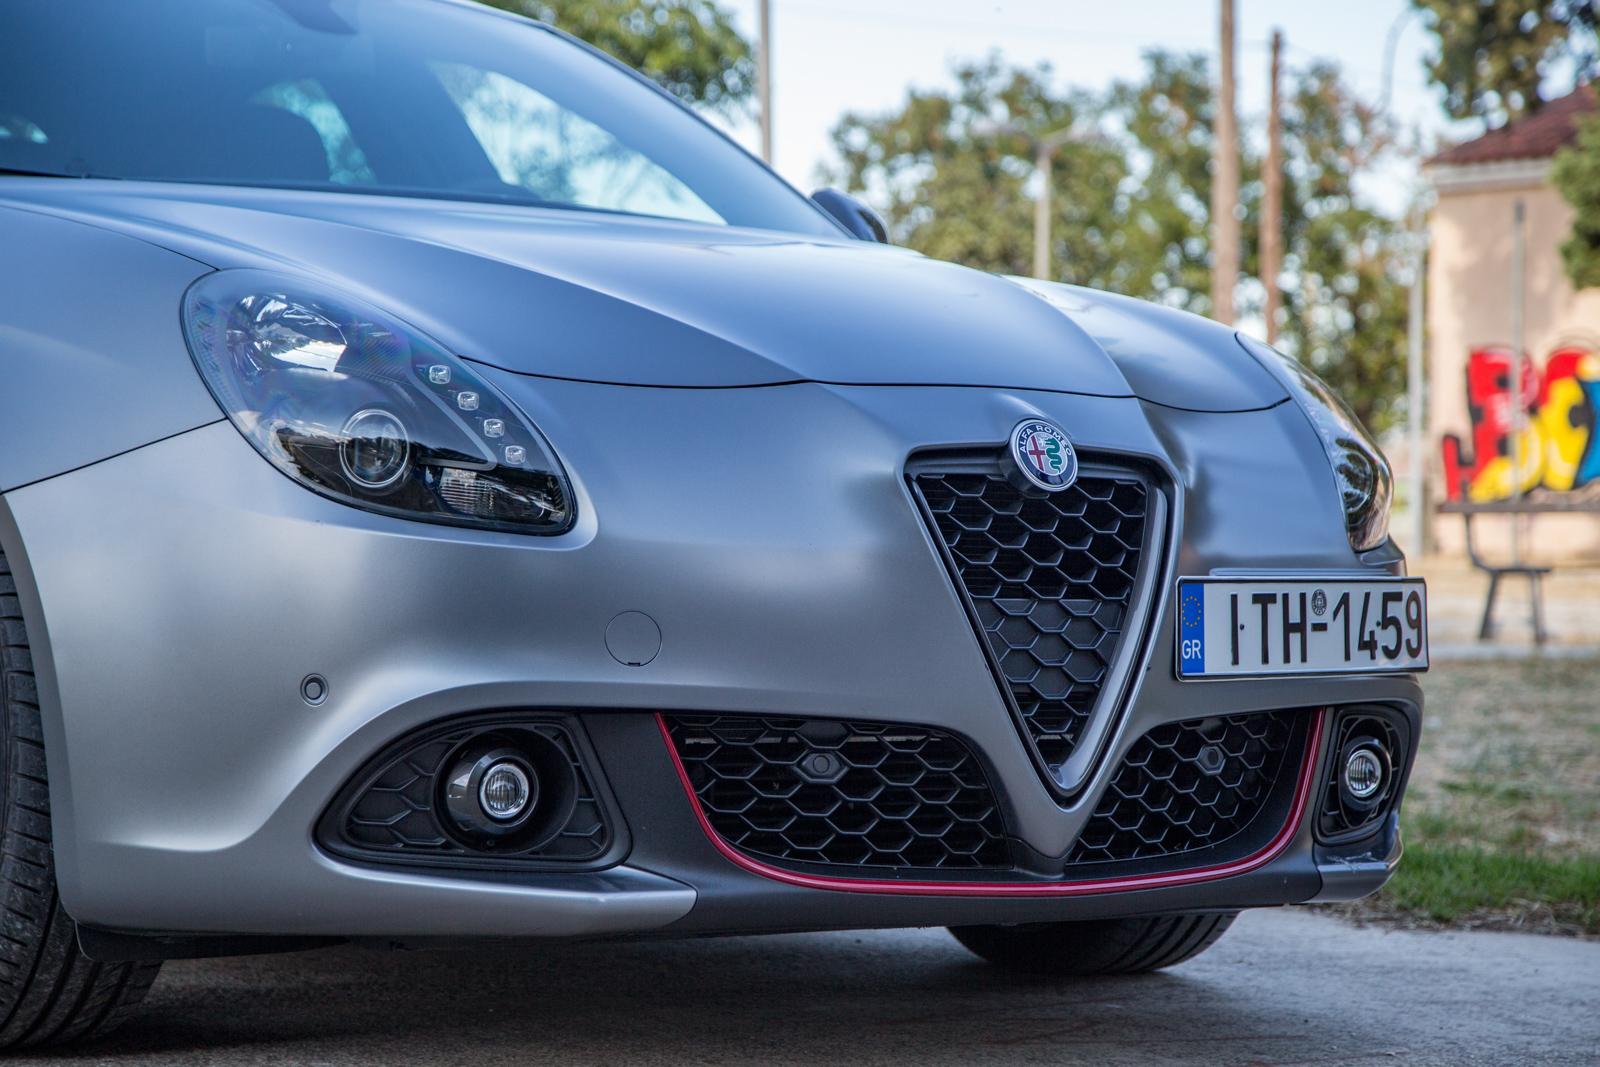 Test_Drive_Alfa_Romeo_Giulietta_TCT_1.6_JTDM-2_02